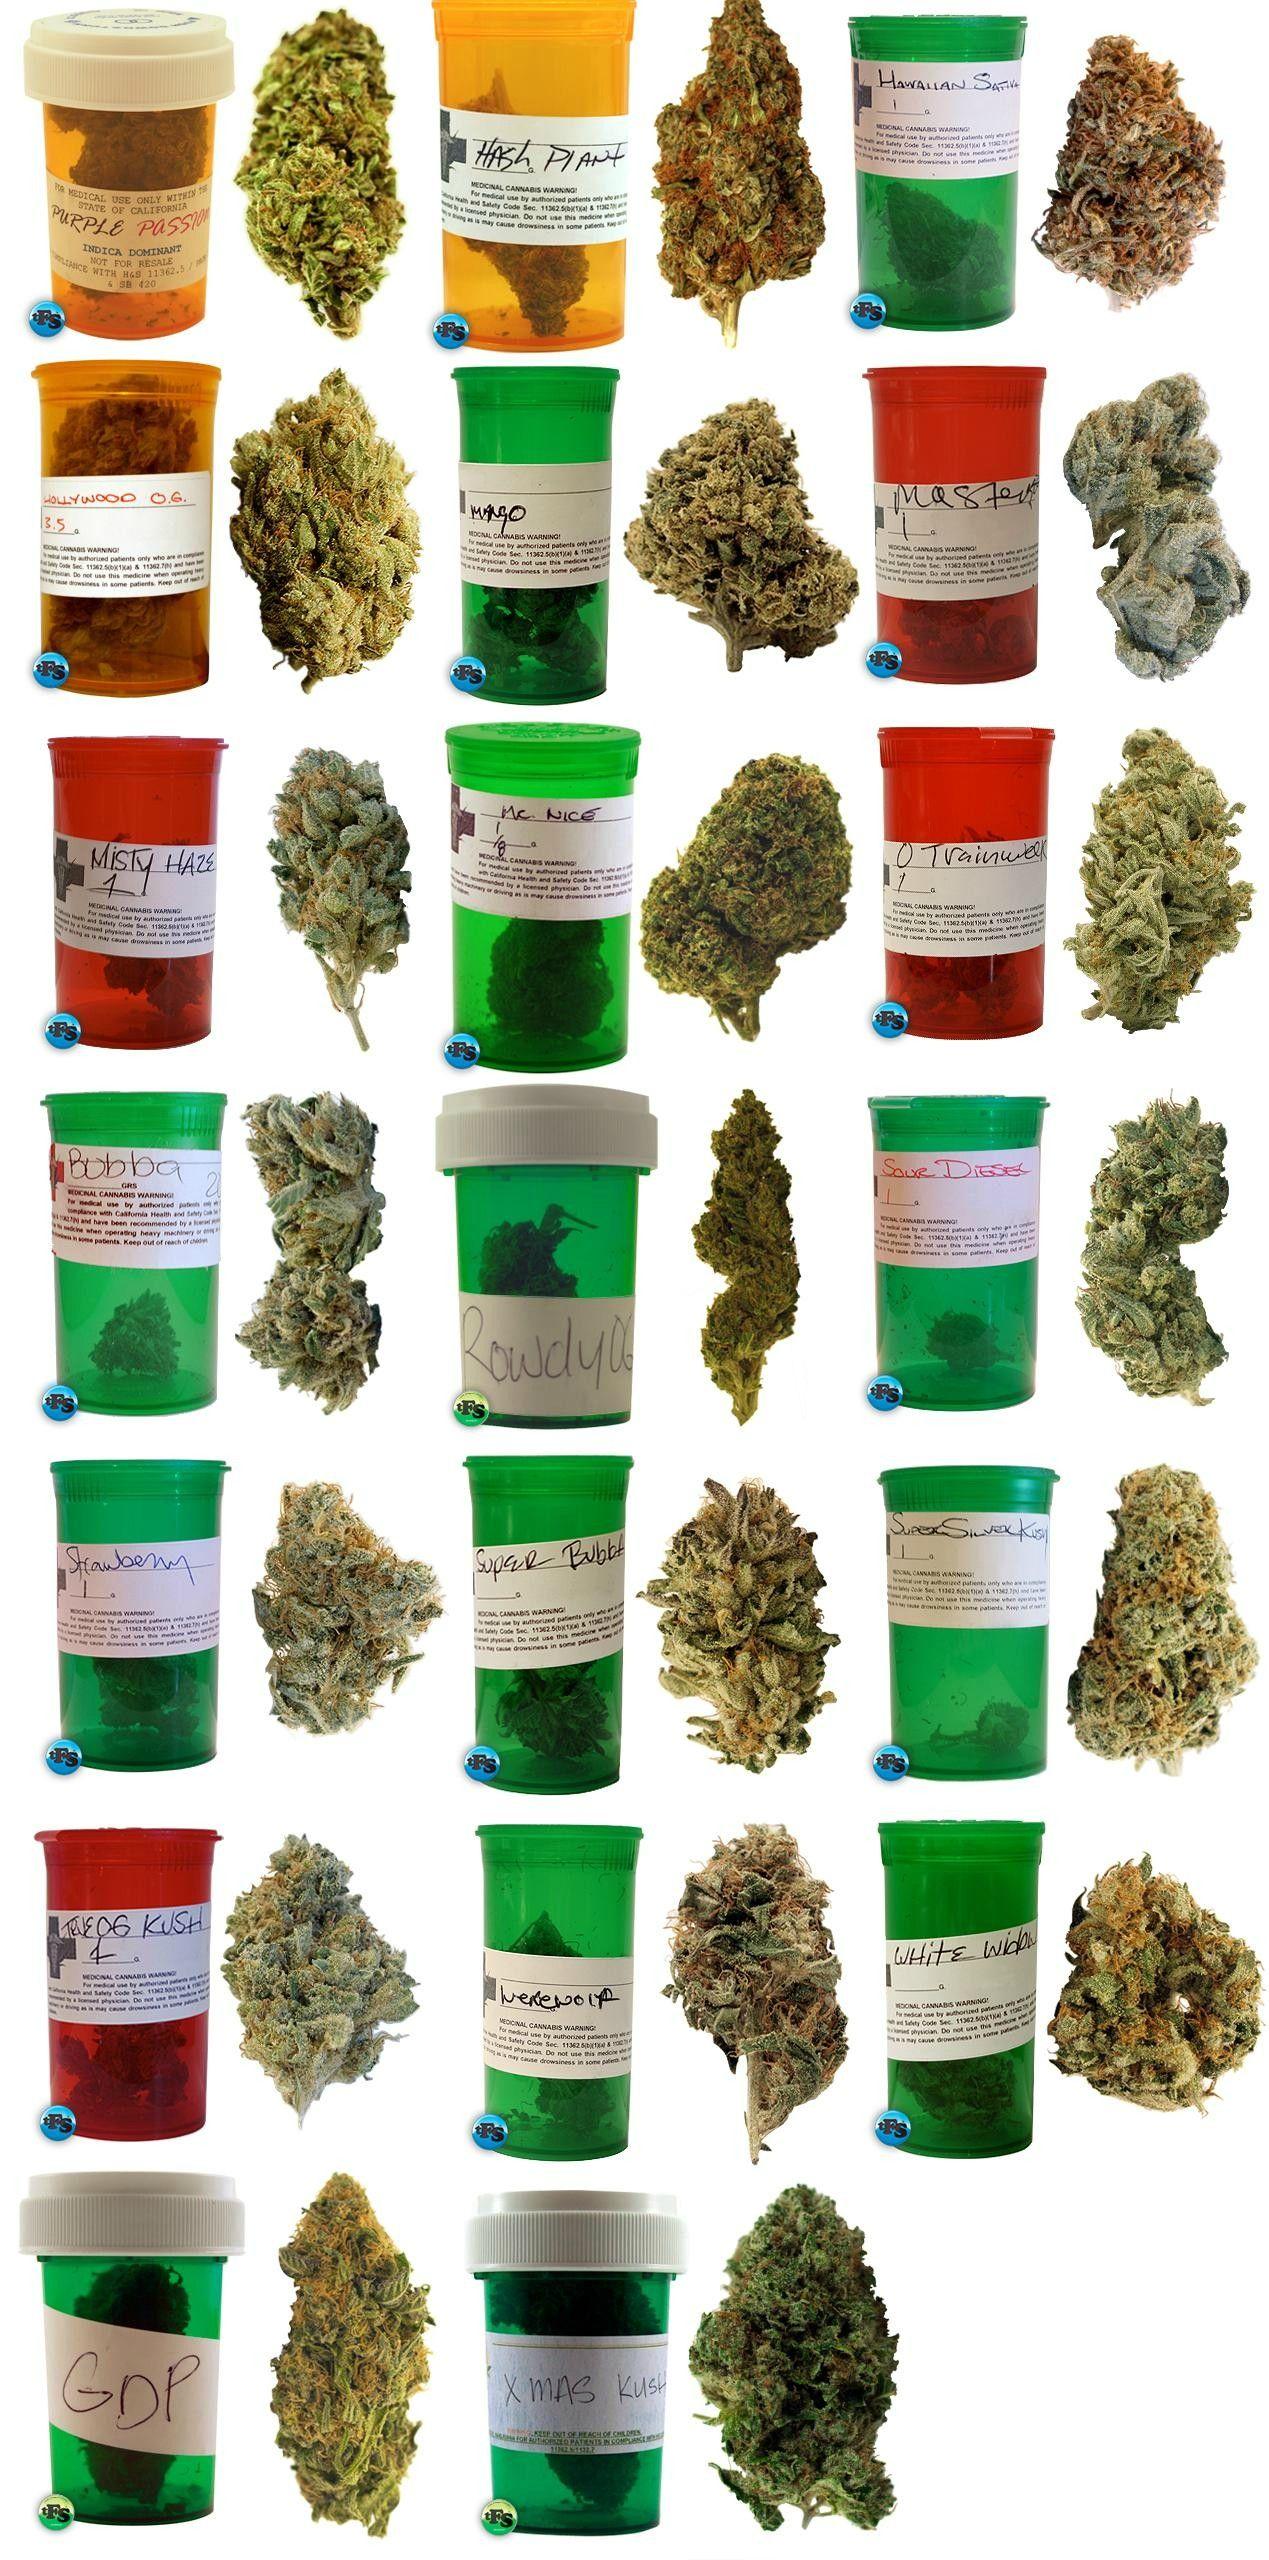 Here's helpful chart to identify certain strains of marijuana ...